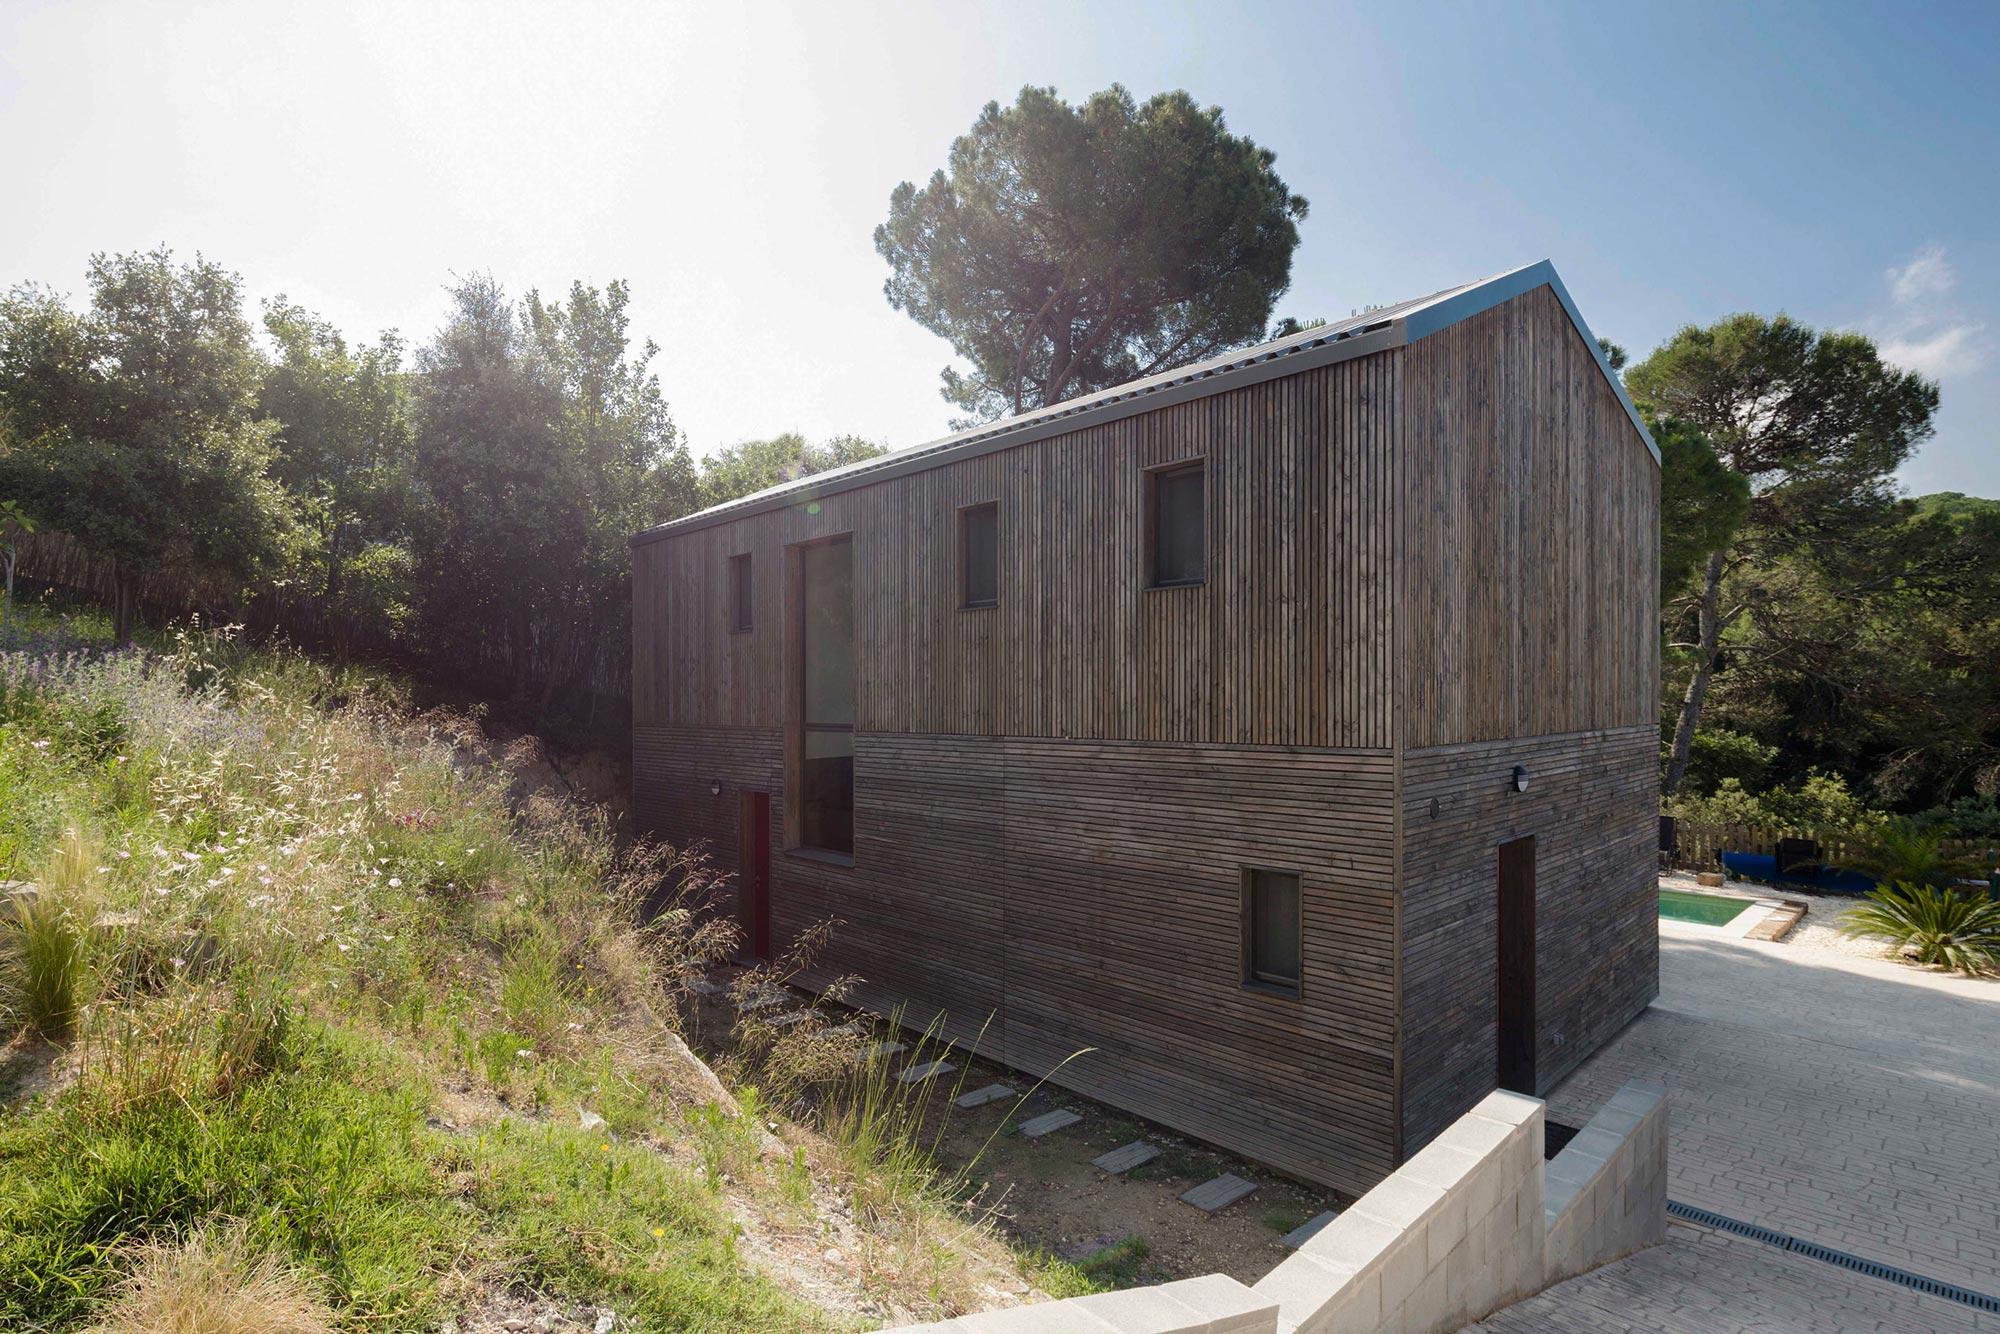 BUD Arquitectura Casas sanas Casa Roots sostenible ecoeficiente casa de madera integrada en el entorno climatización sana sostenible, de madera prefabricada